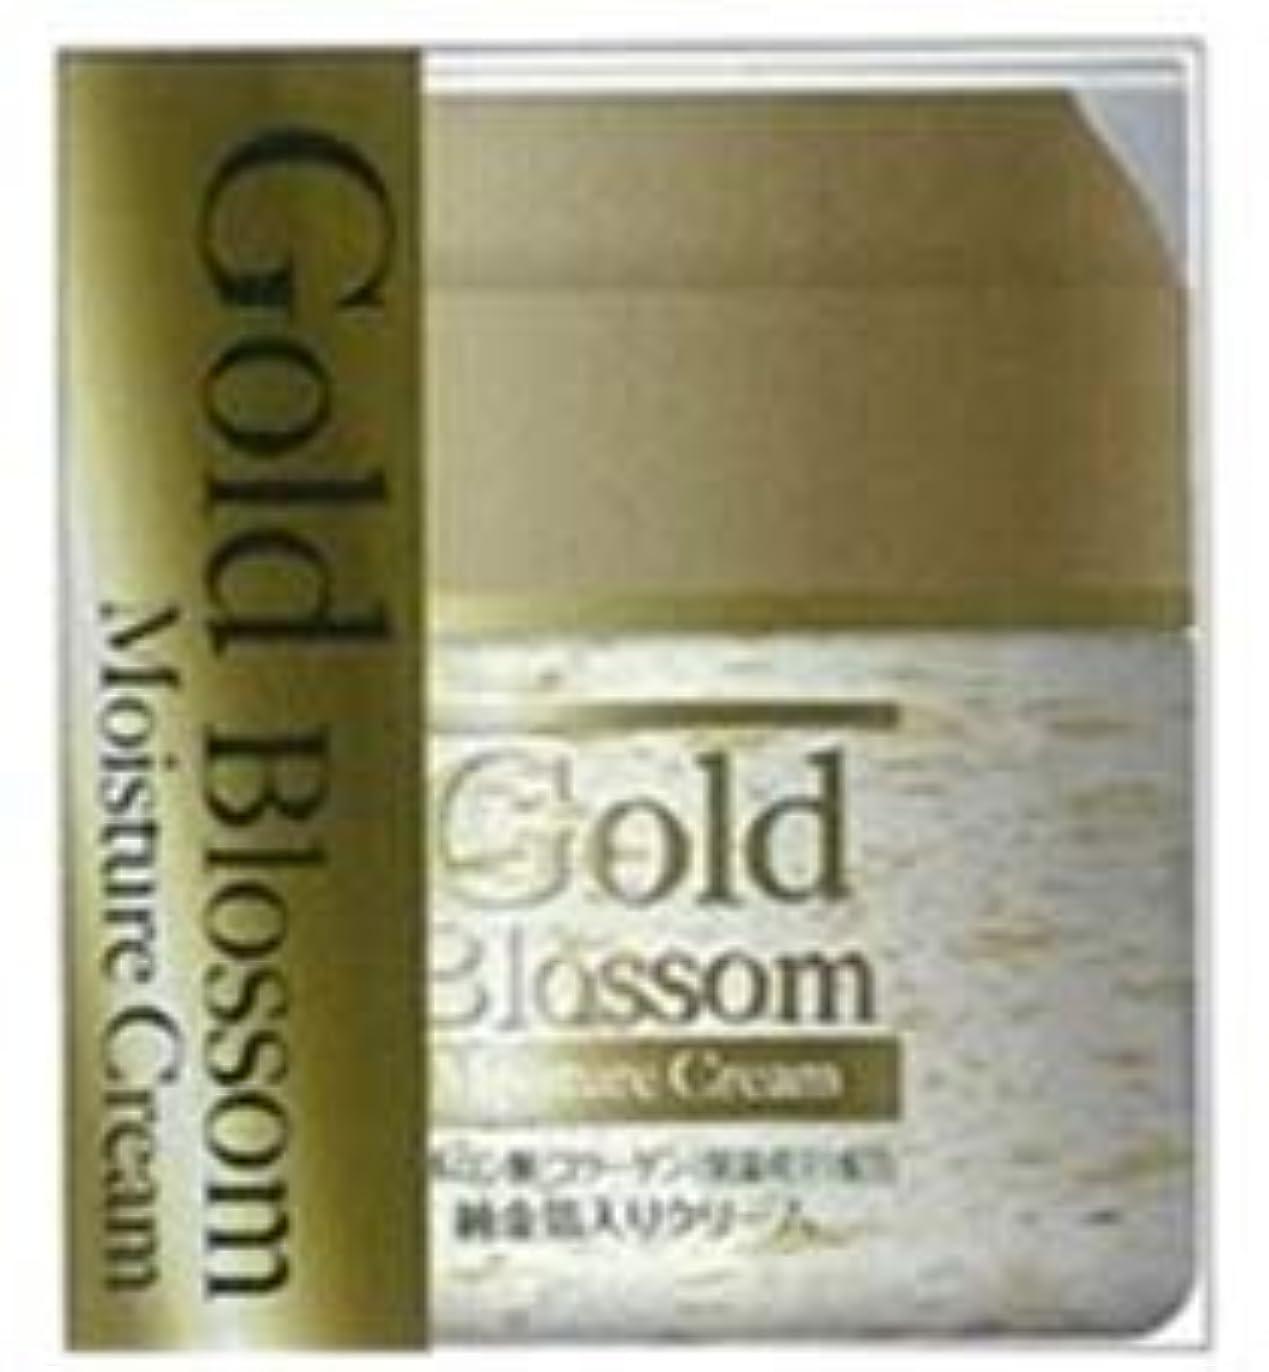 気球福祉隔離するGold Blossom 保湿クリーム